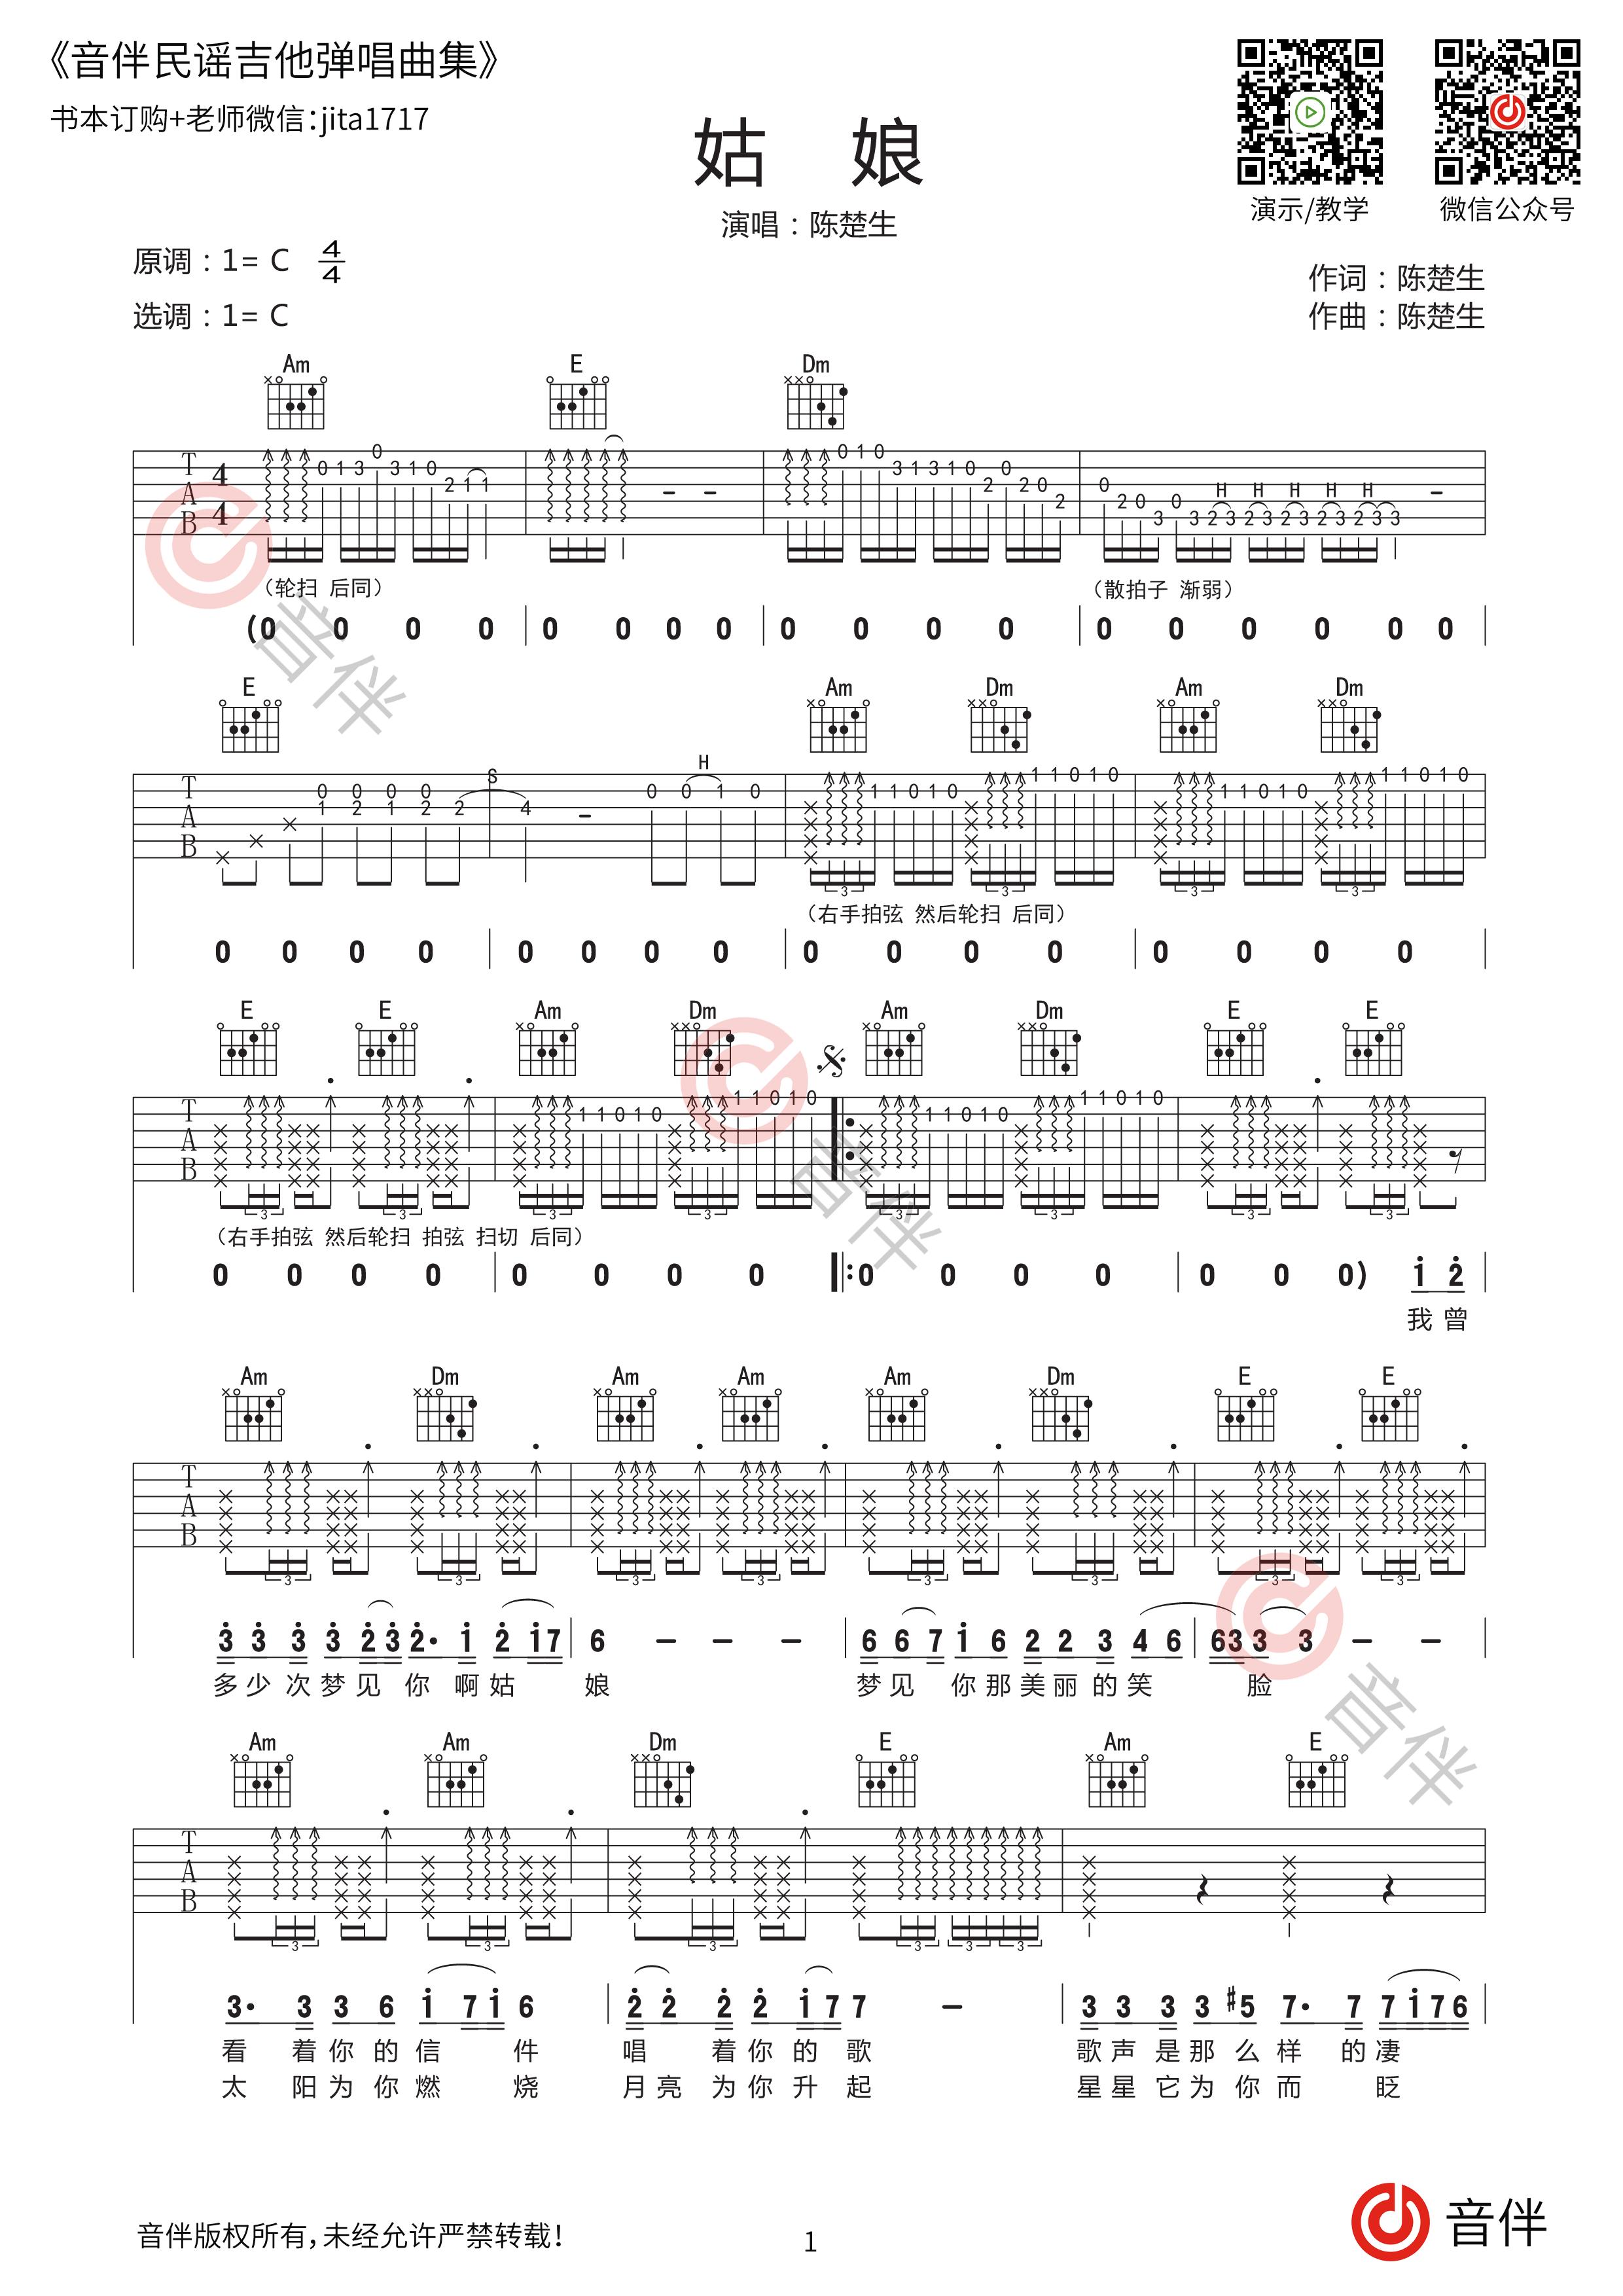 姑娘吉他谱1